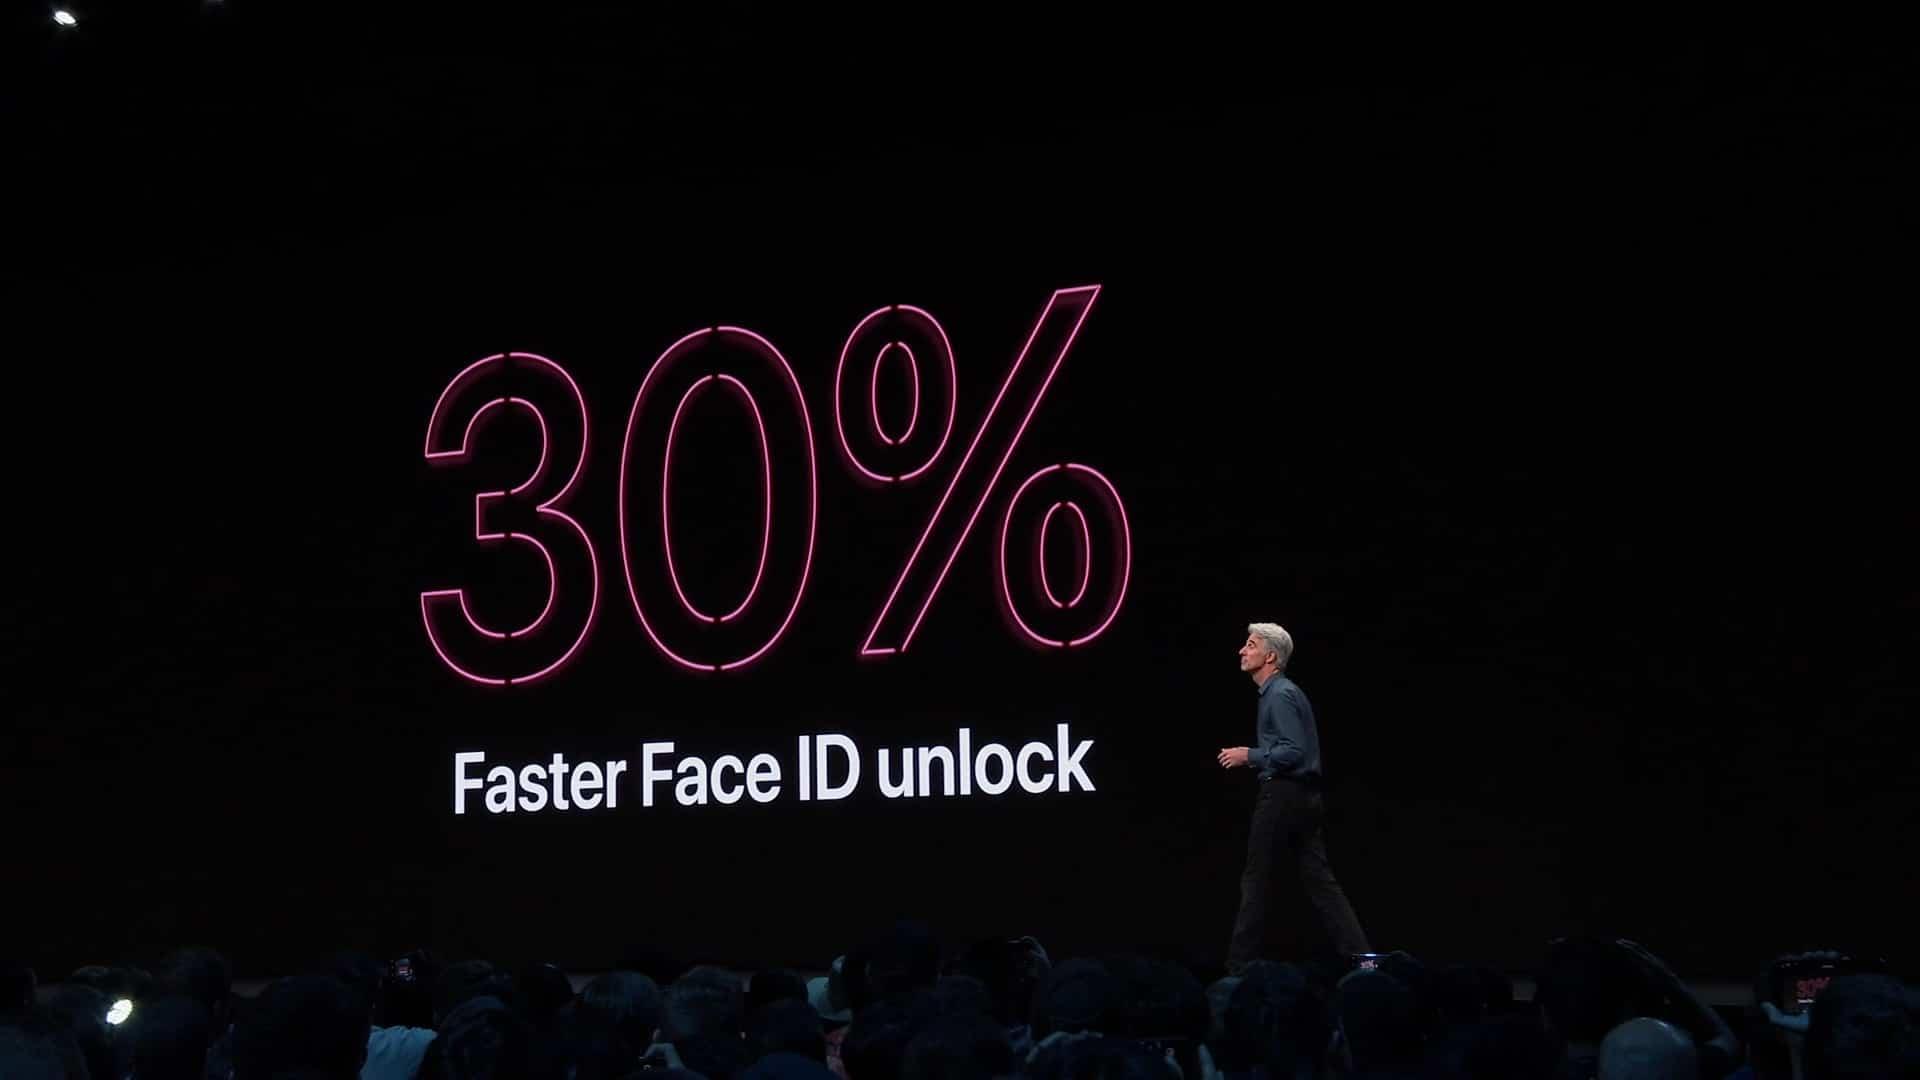 - สรุปงาน Apple WWDC2019 (พาร์ท 1) watchOS ลงแอปแยกได้ iOS13 เสริมฟีเจอร์ด้านความปลอดภัยและ iPadOS